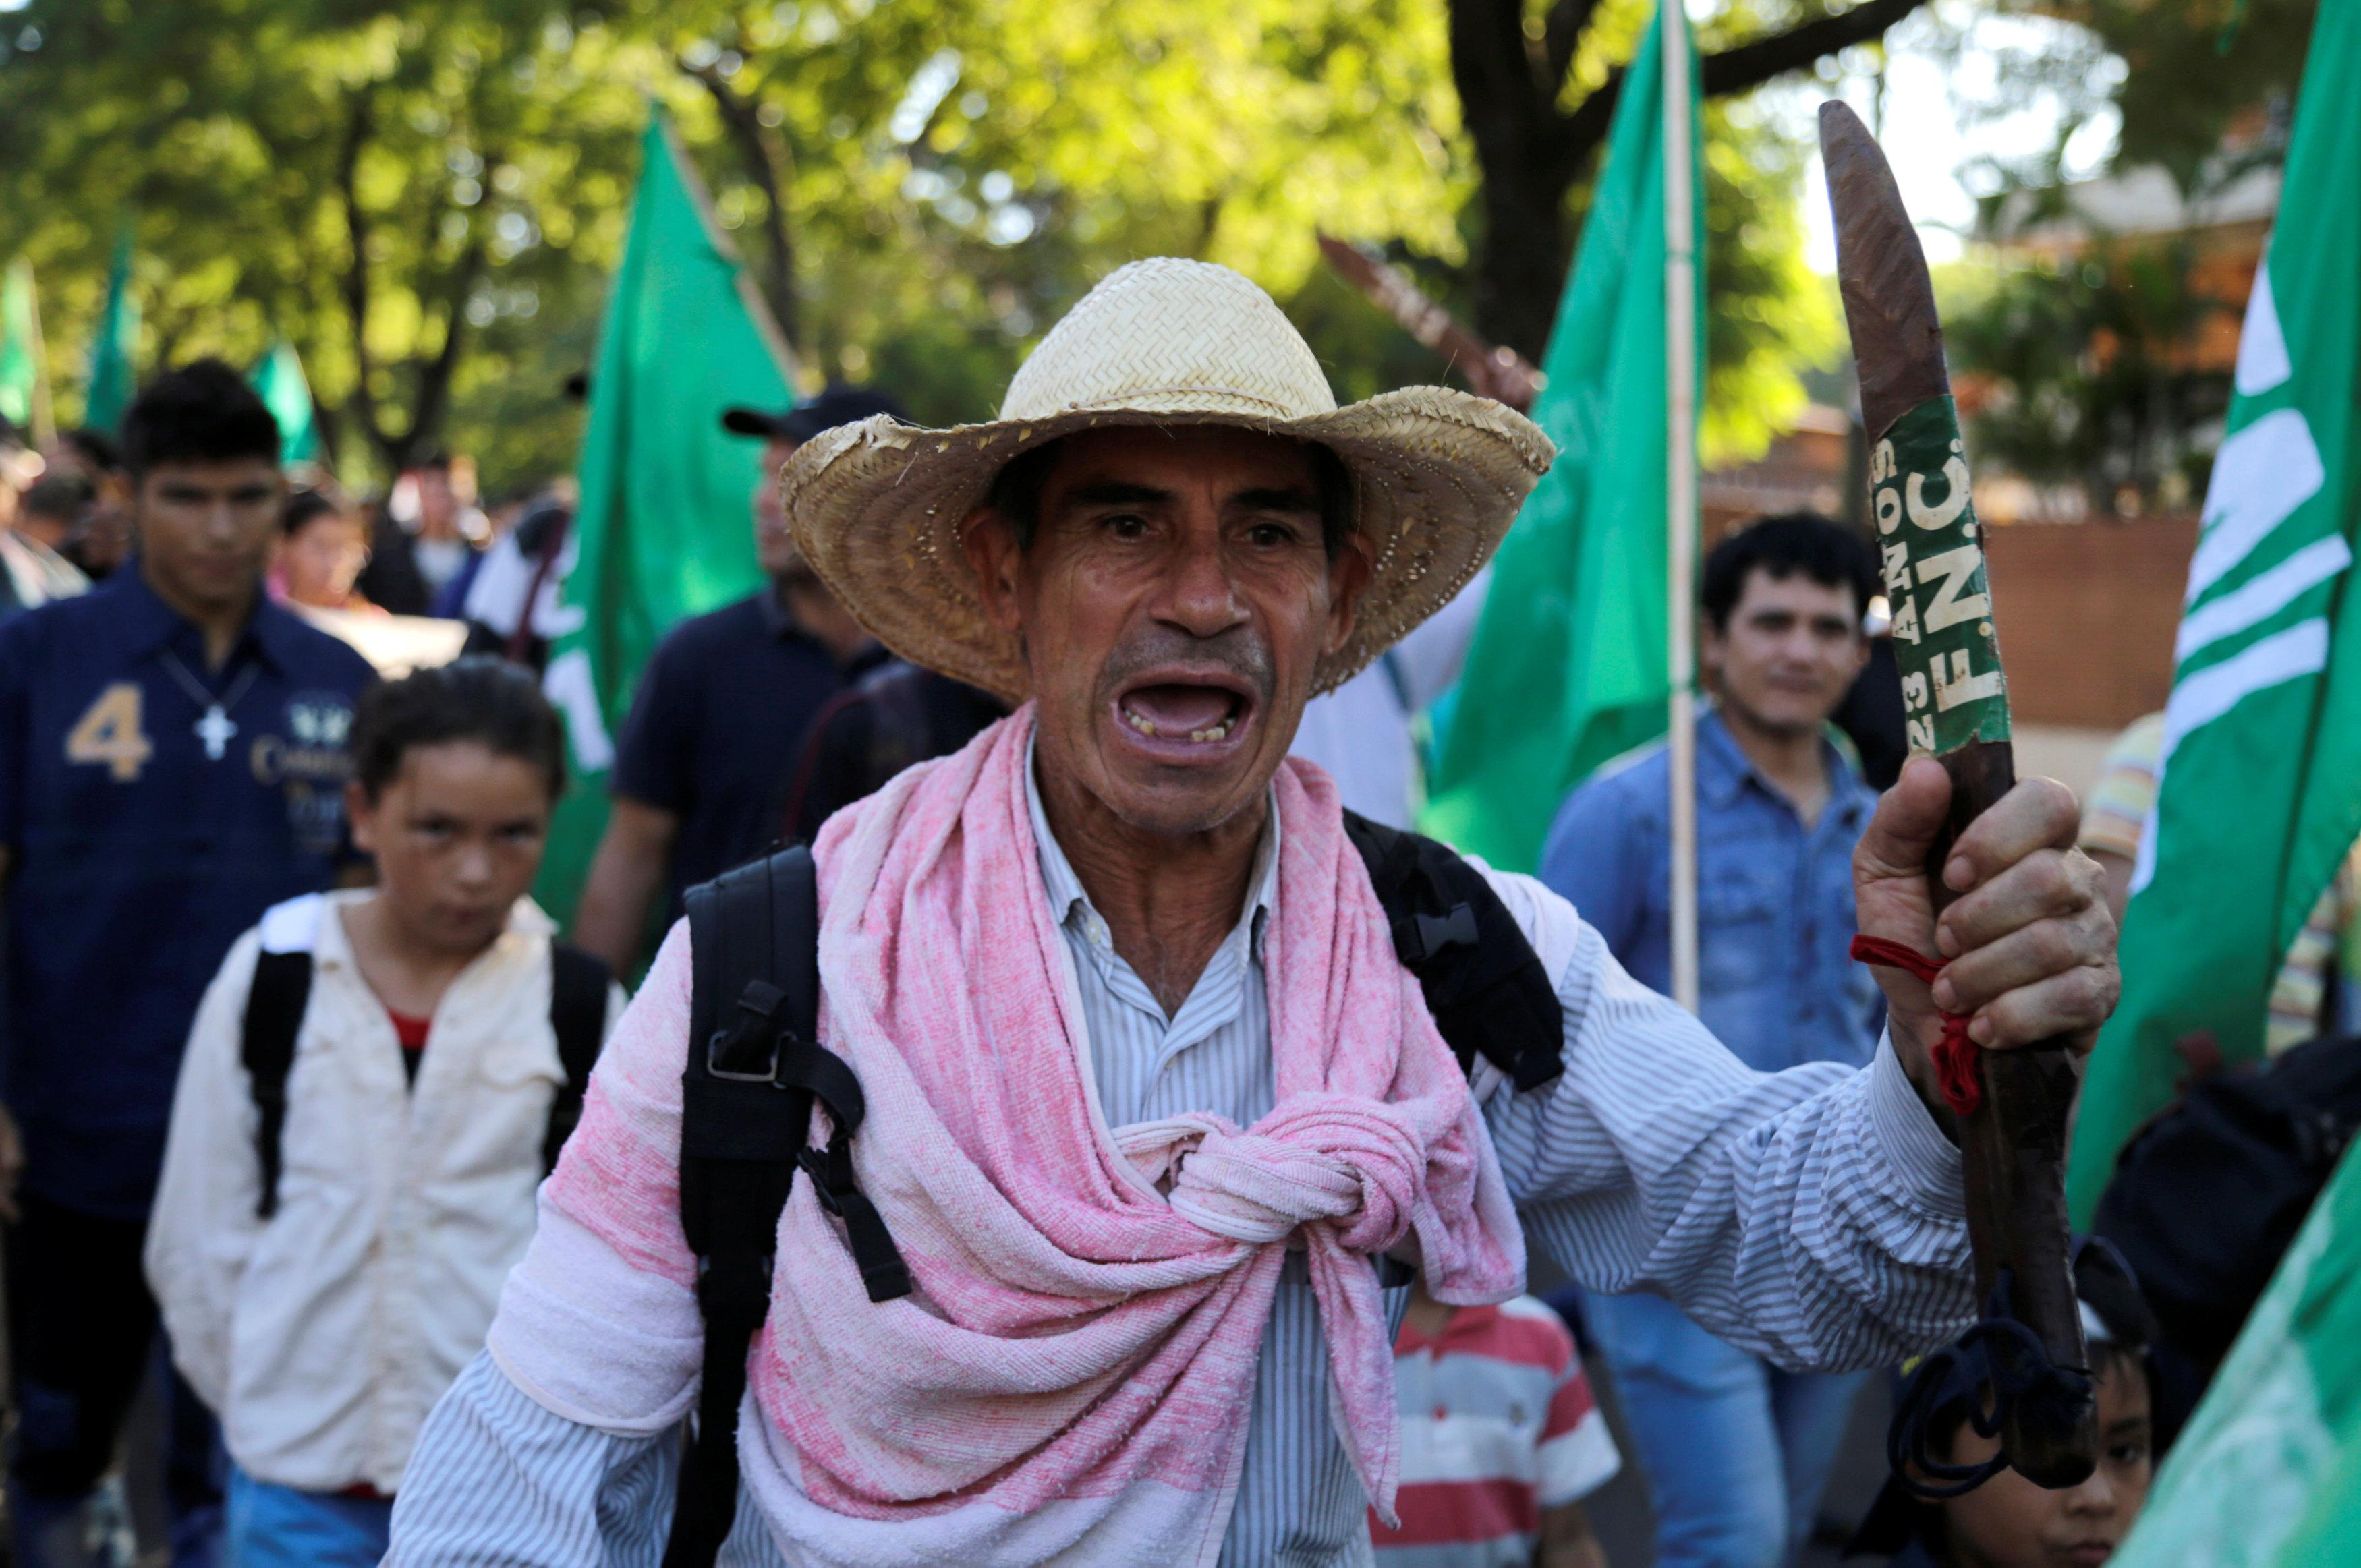 تظاهر أعضاء المزارعين للمطالبة بإصلاحات زراعية